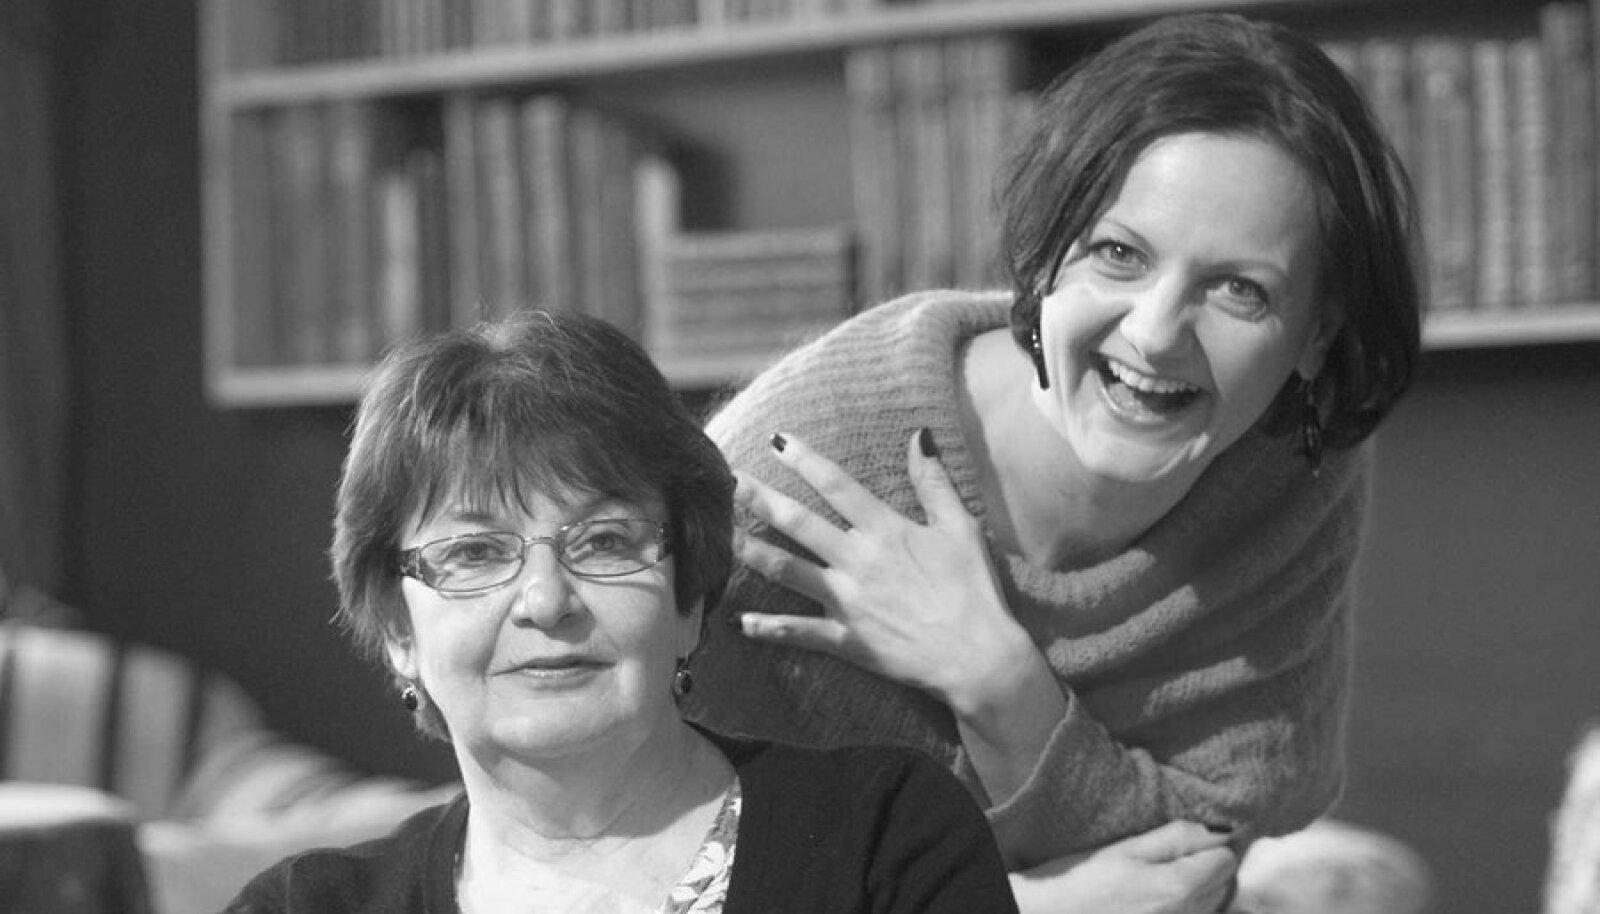 Lõbusad sõbrad: Üksmeele saavutavad Helene ja Annaliisa ainult teatriteemal rääkides. Ülejäänud asjades neil arvamused ei kattu.